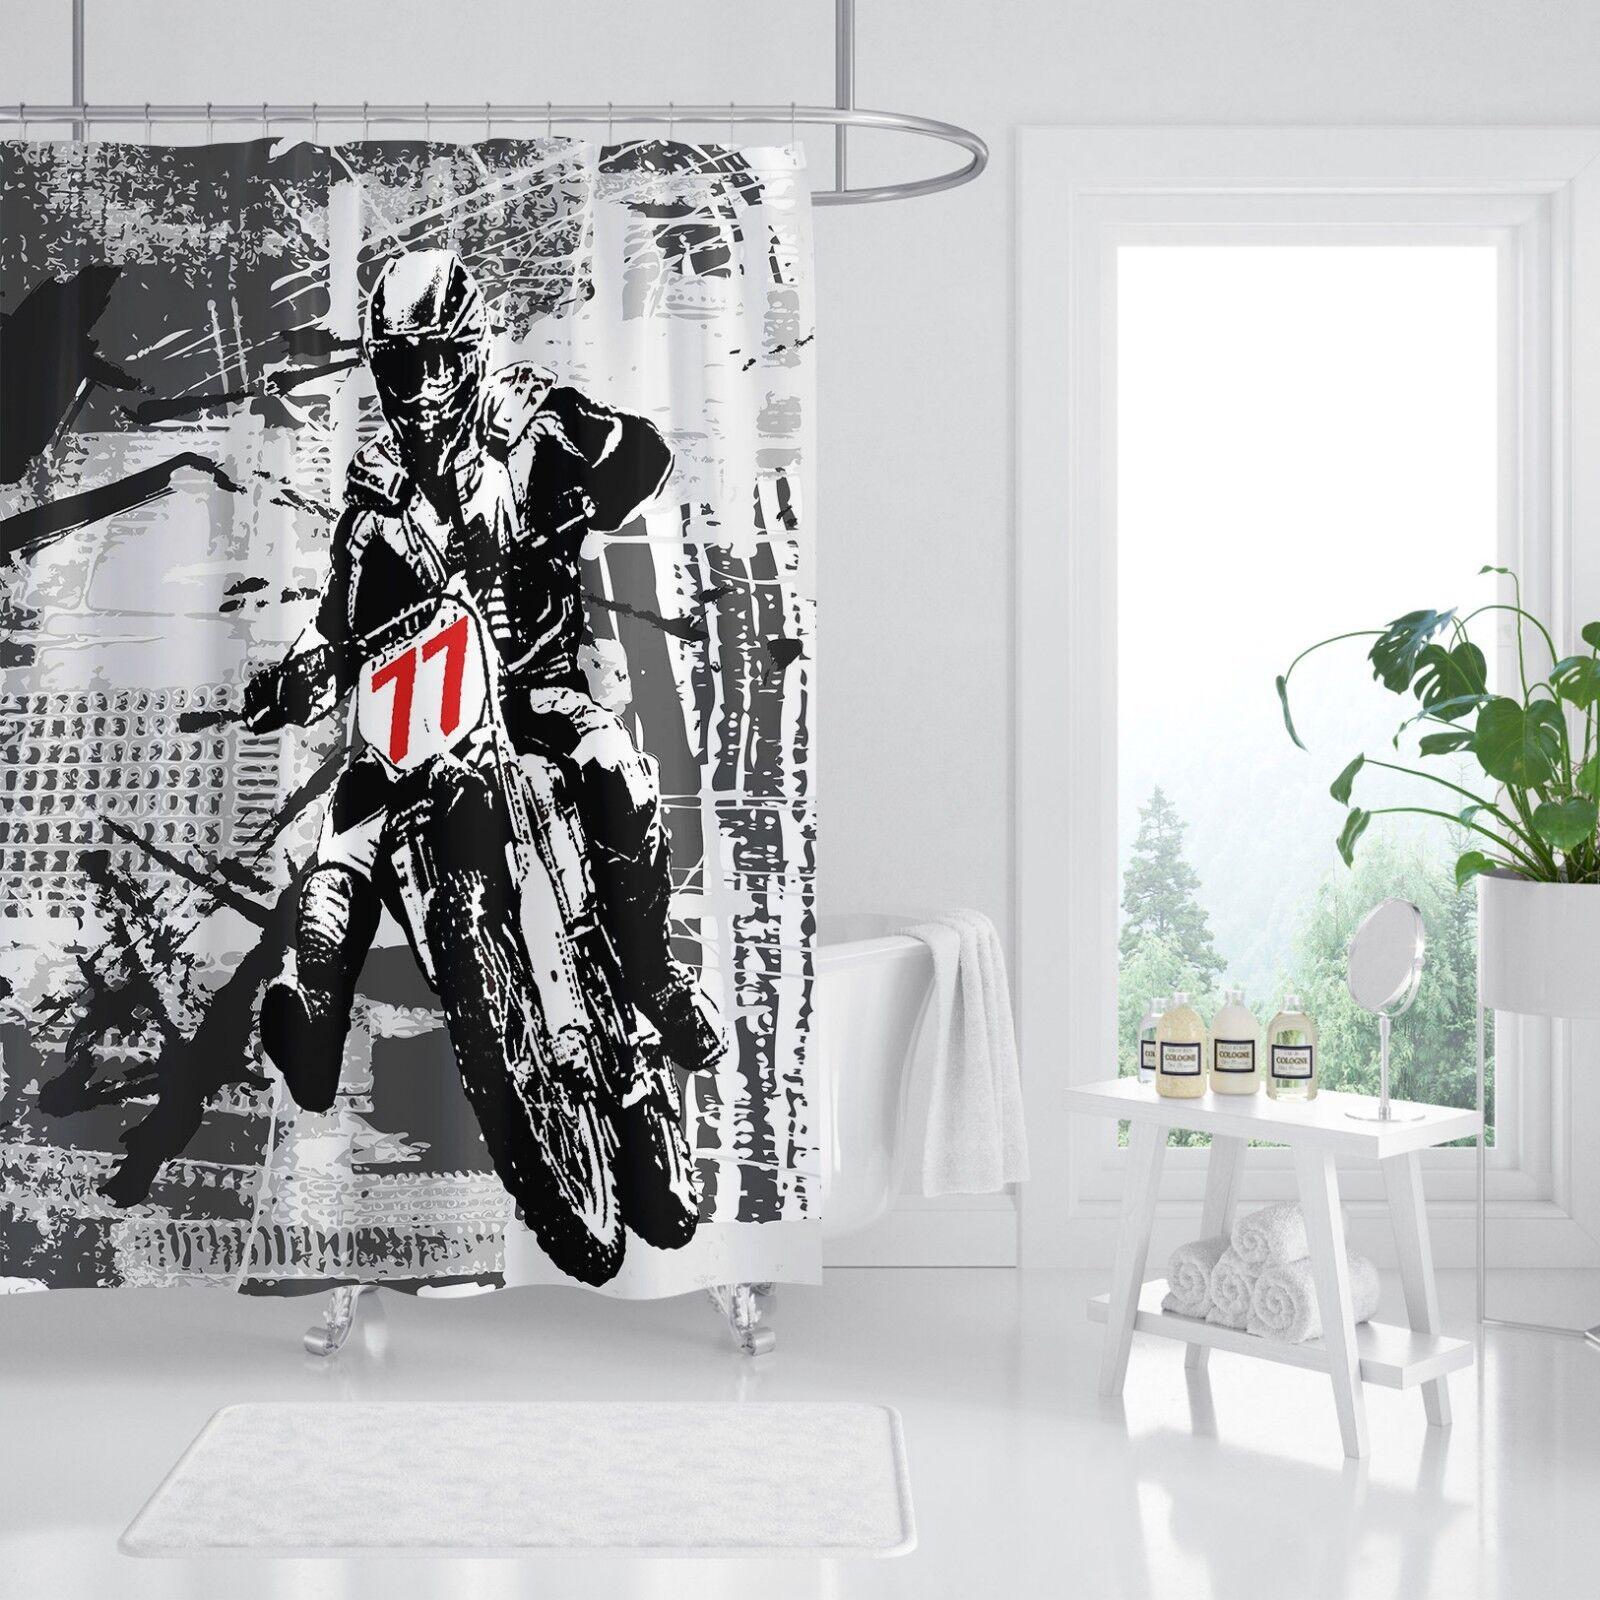 3D Cool Moto 8 Rideau de Douche Imperméable Fibre Salle De Bain Windows Toilette